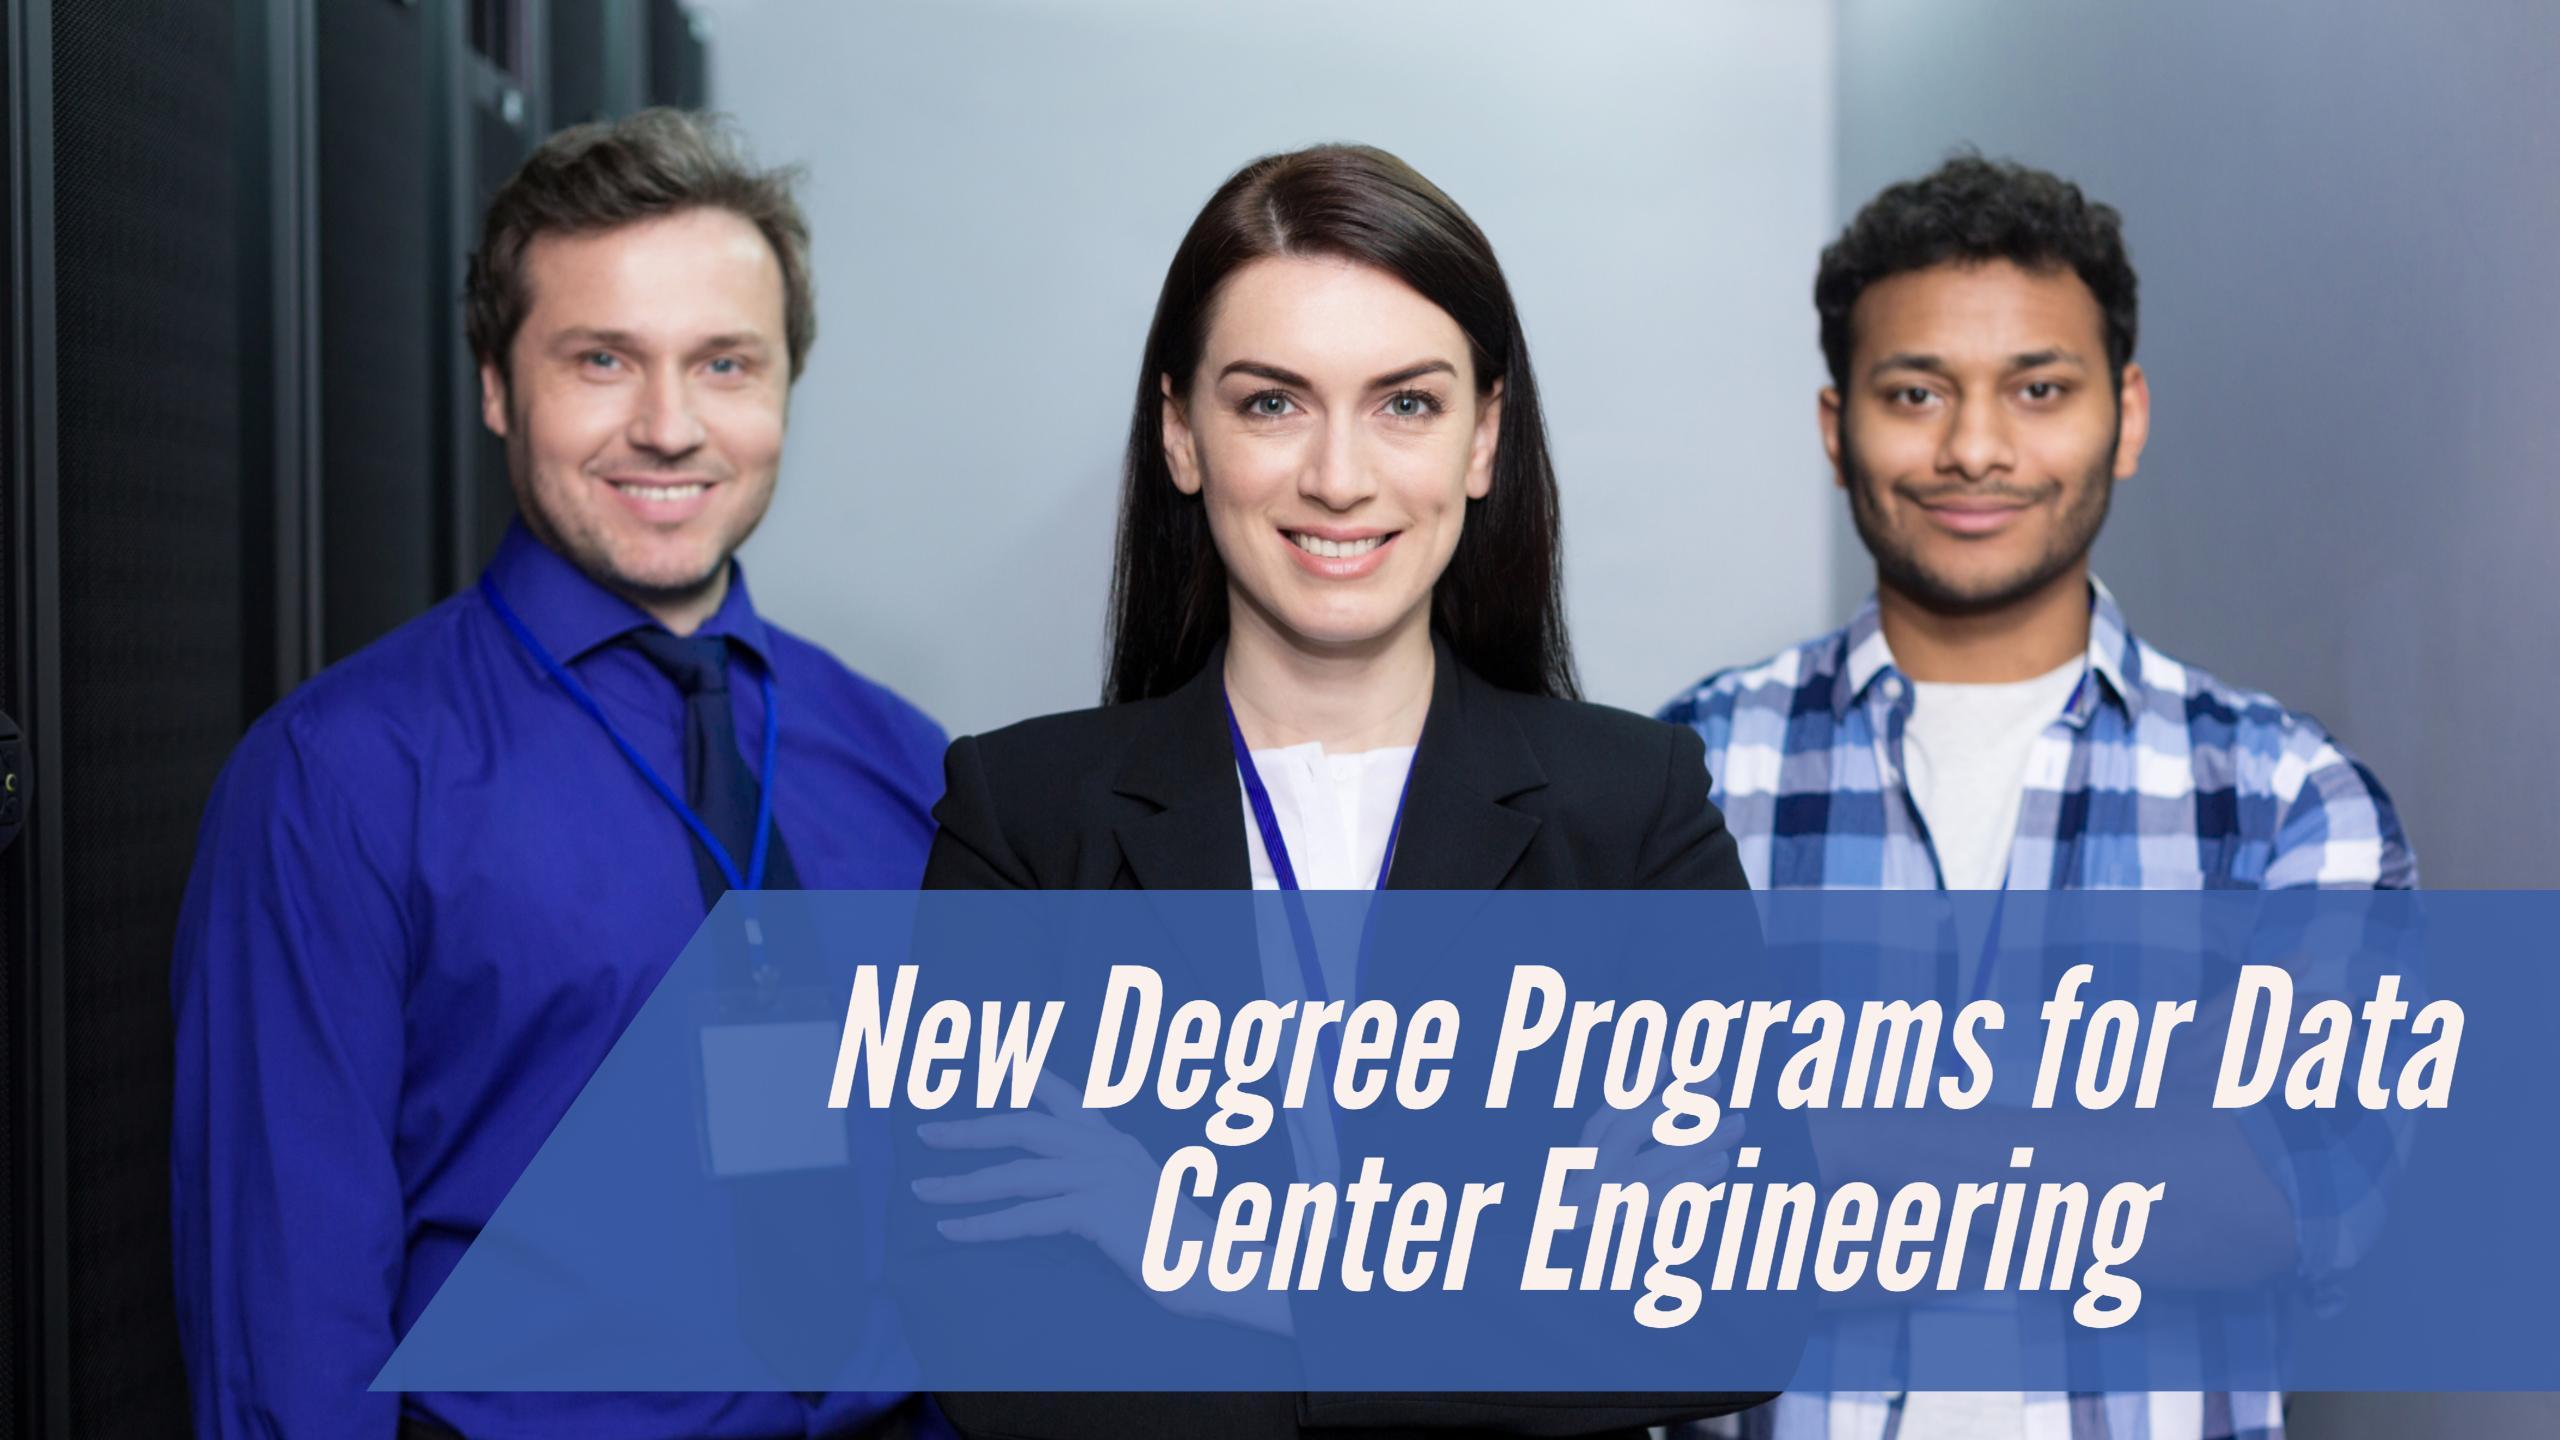 New Degree Programs for Data Center Engineering